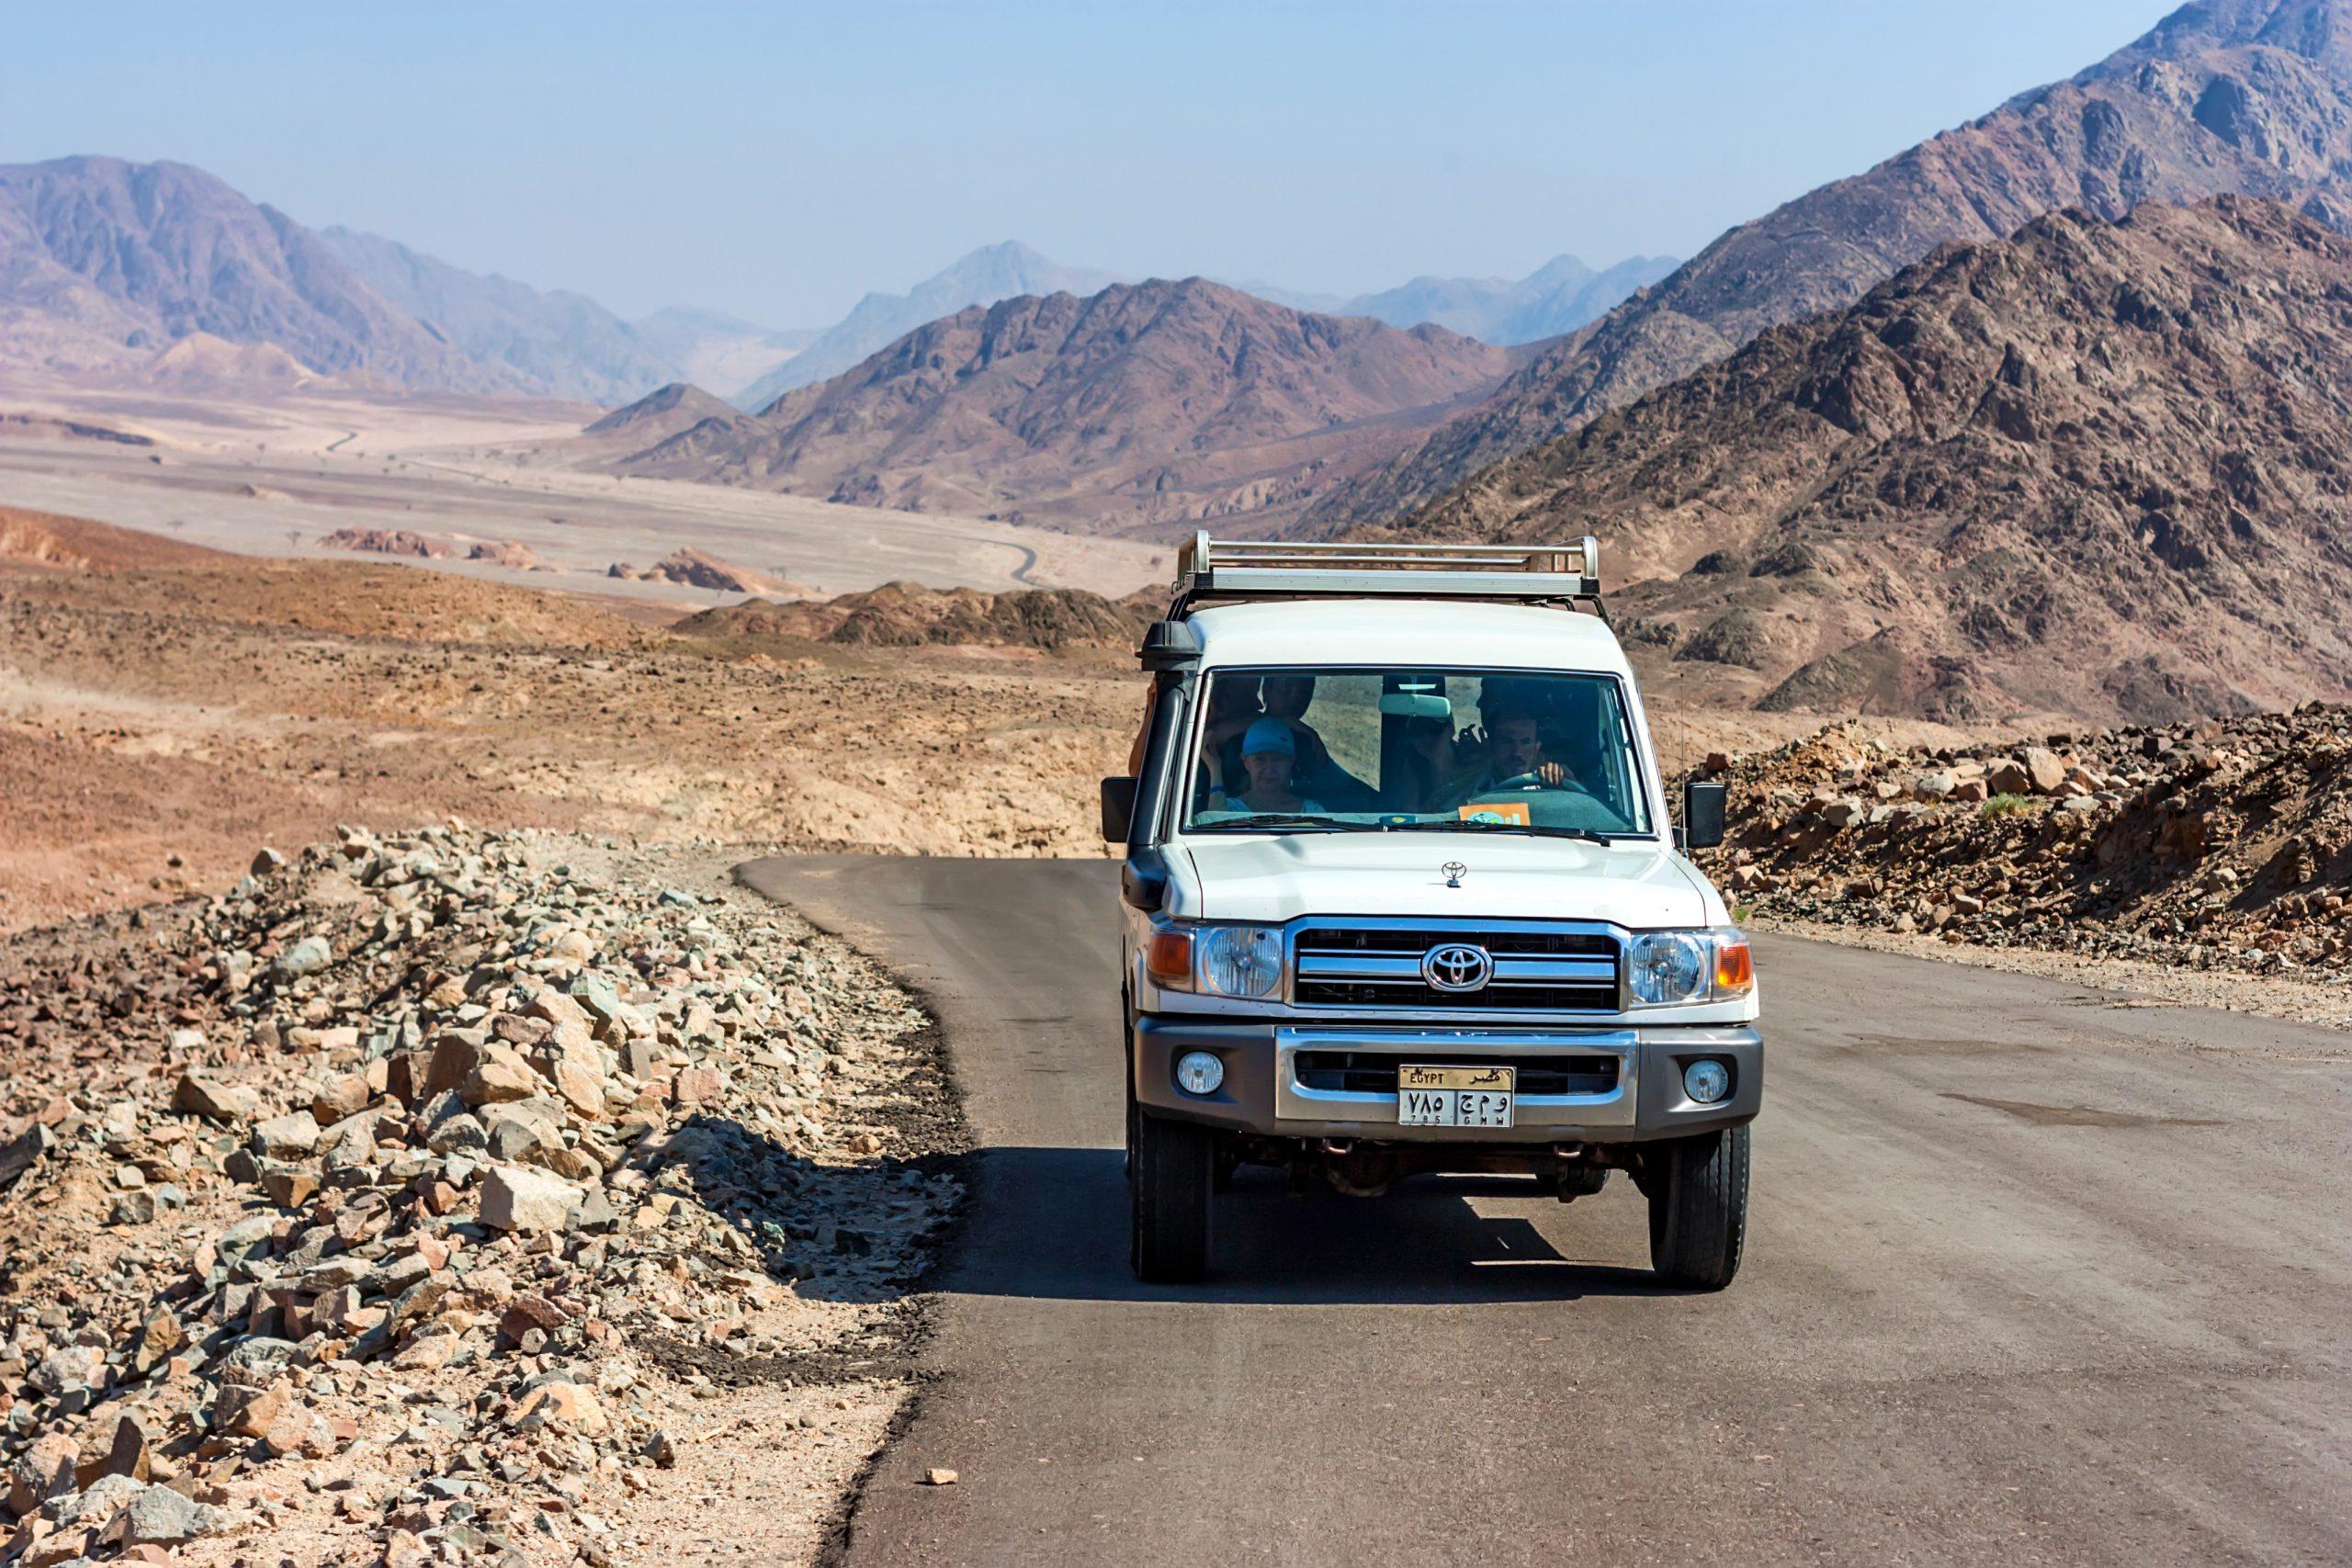 Sinai Desert Jeep & Hiking Tour